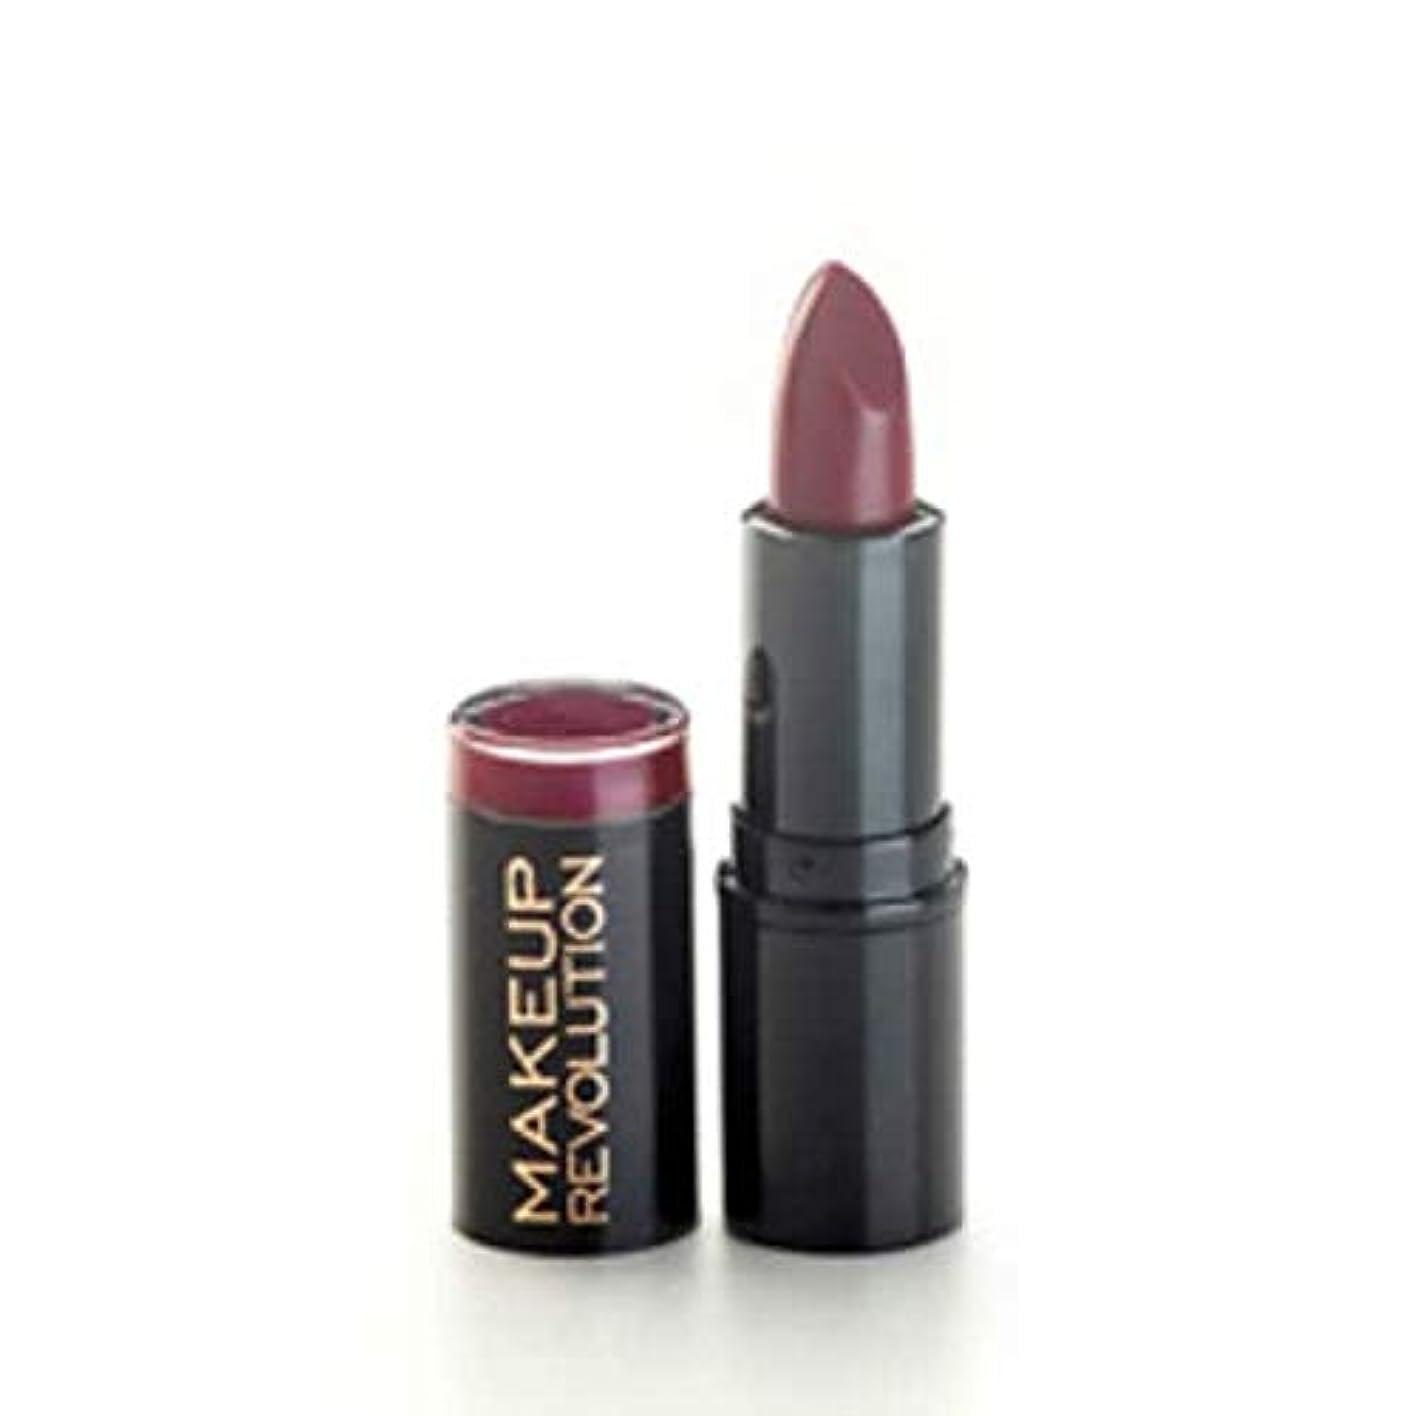 邪魔する私の定説[Revolution ] 原因と革命Vampコレクションの口紅の反乱 - Revolution Vamp Collection Lipstick Rebel with Cause [並行輸入品]